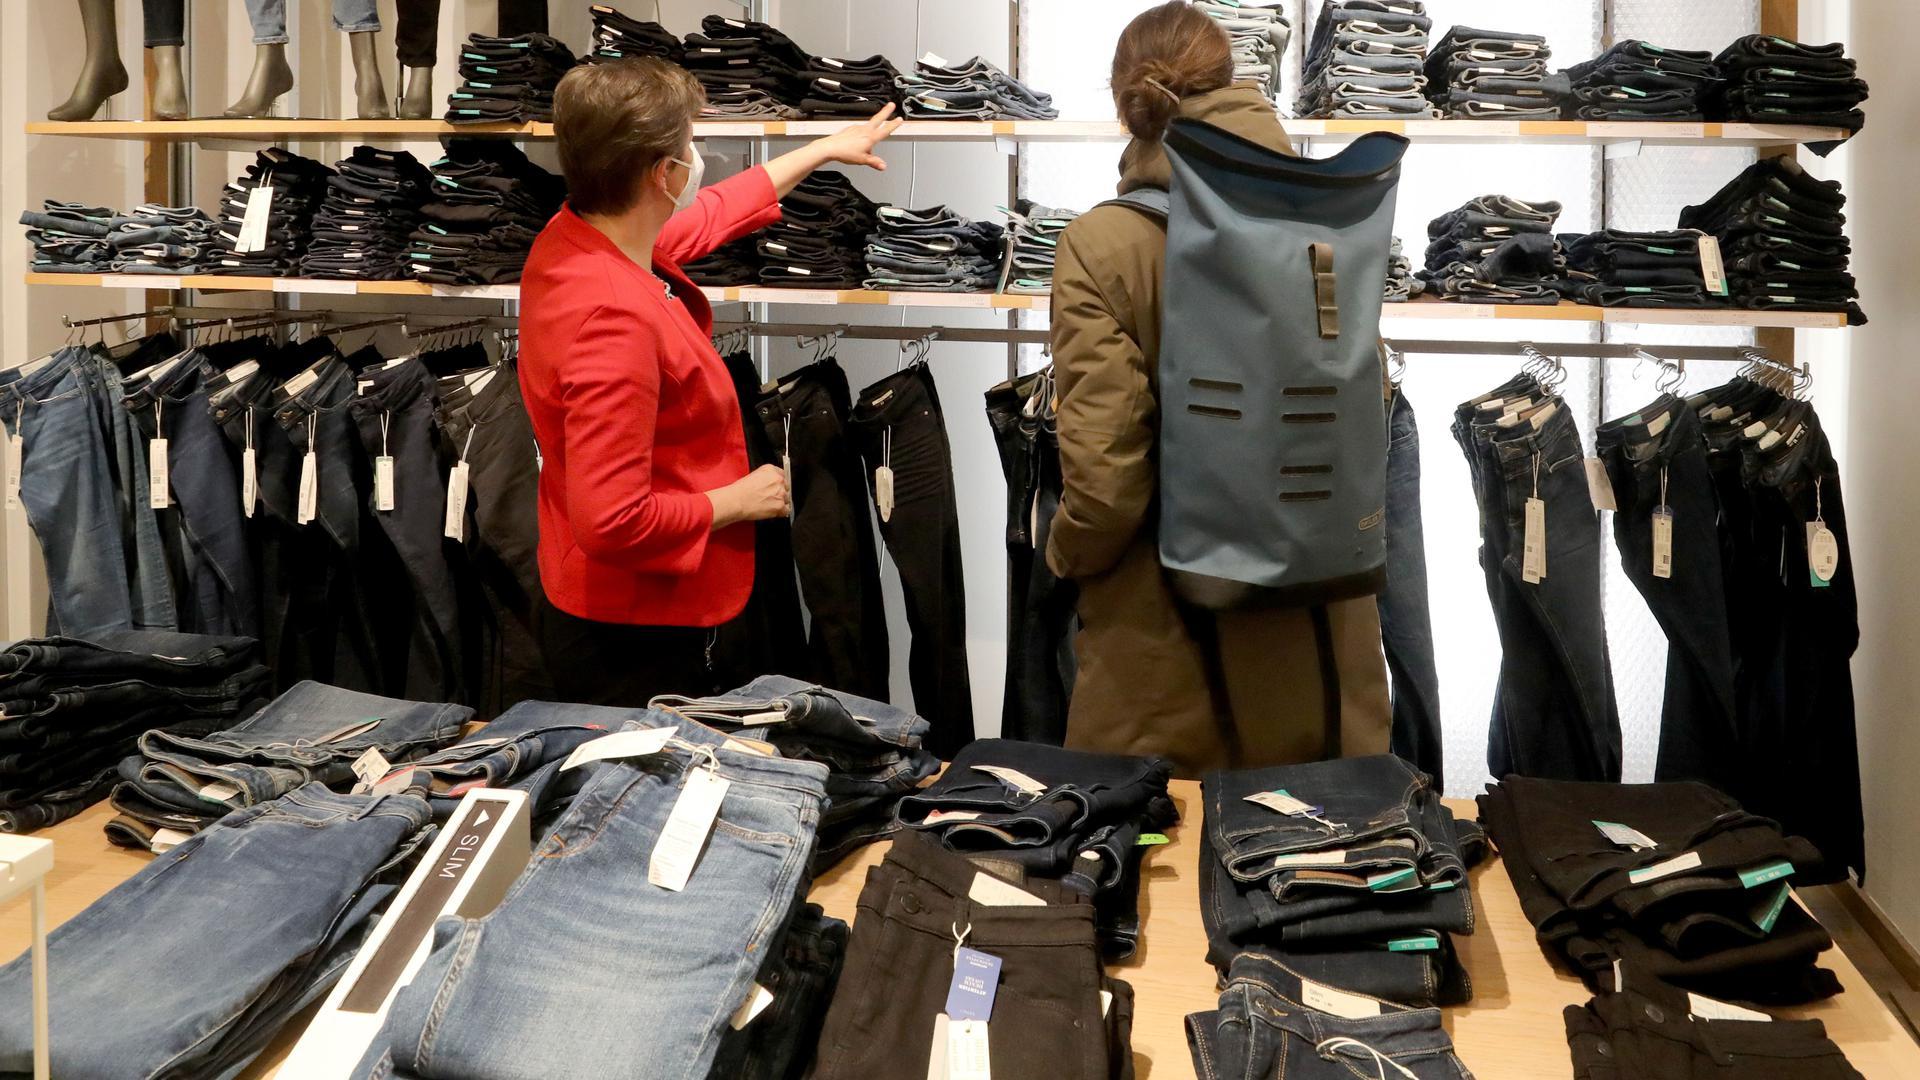 Zwei Frauen stehen in einem Geschäft vor einem Regal mit Hosen.